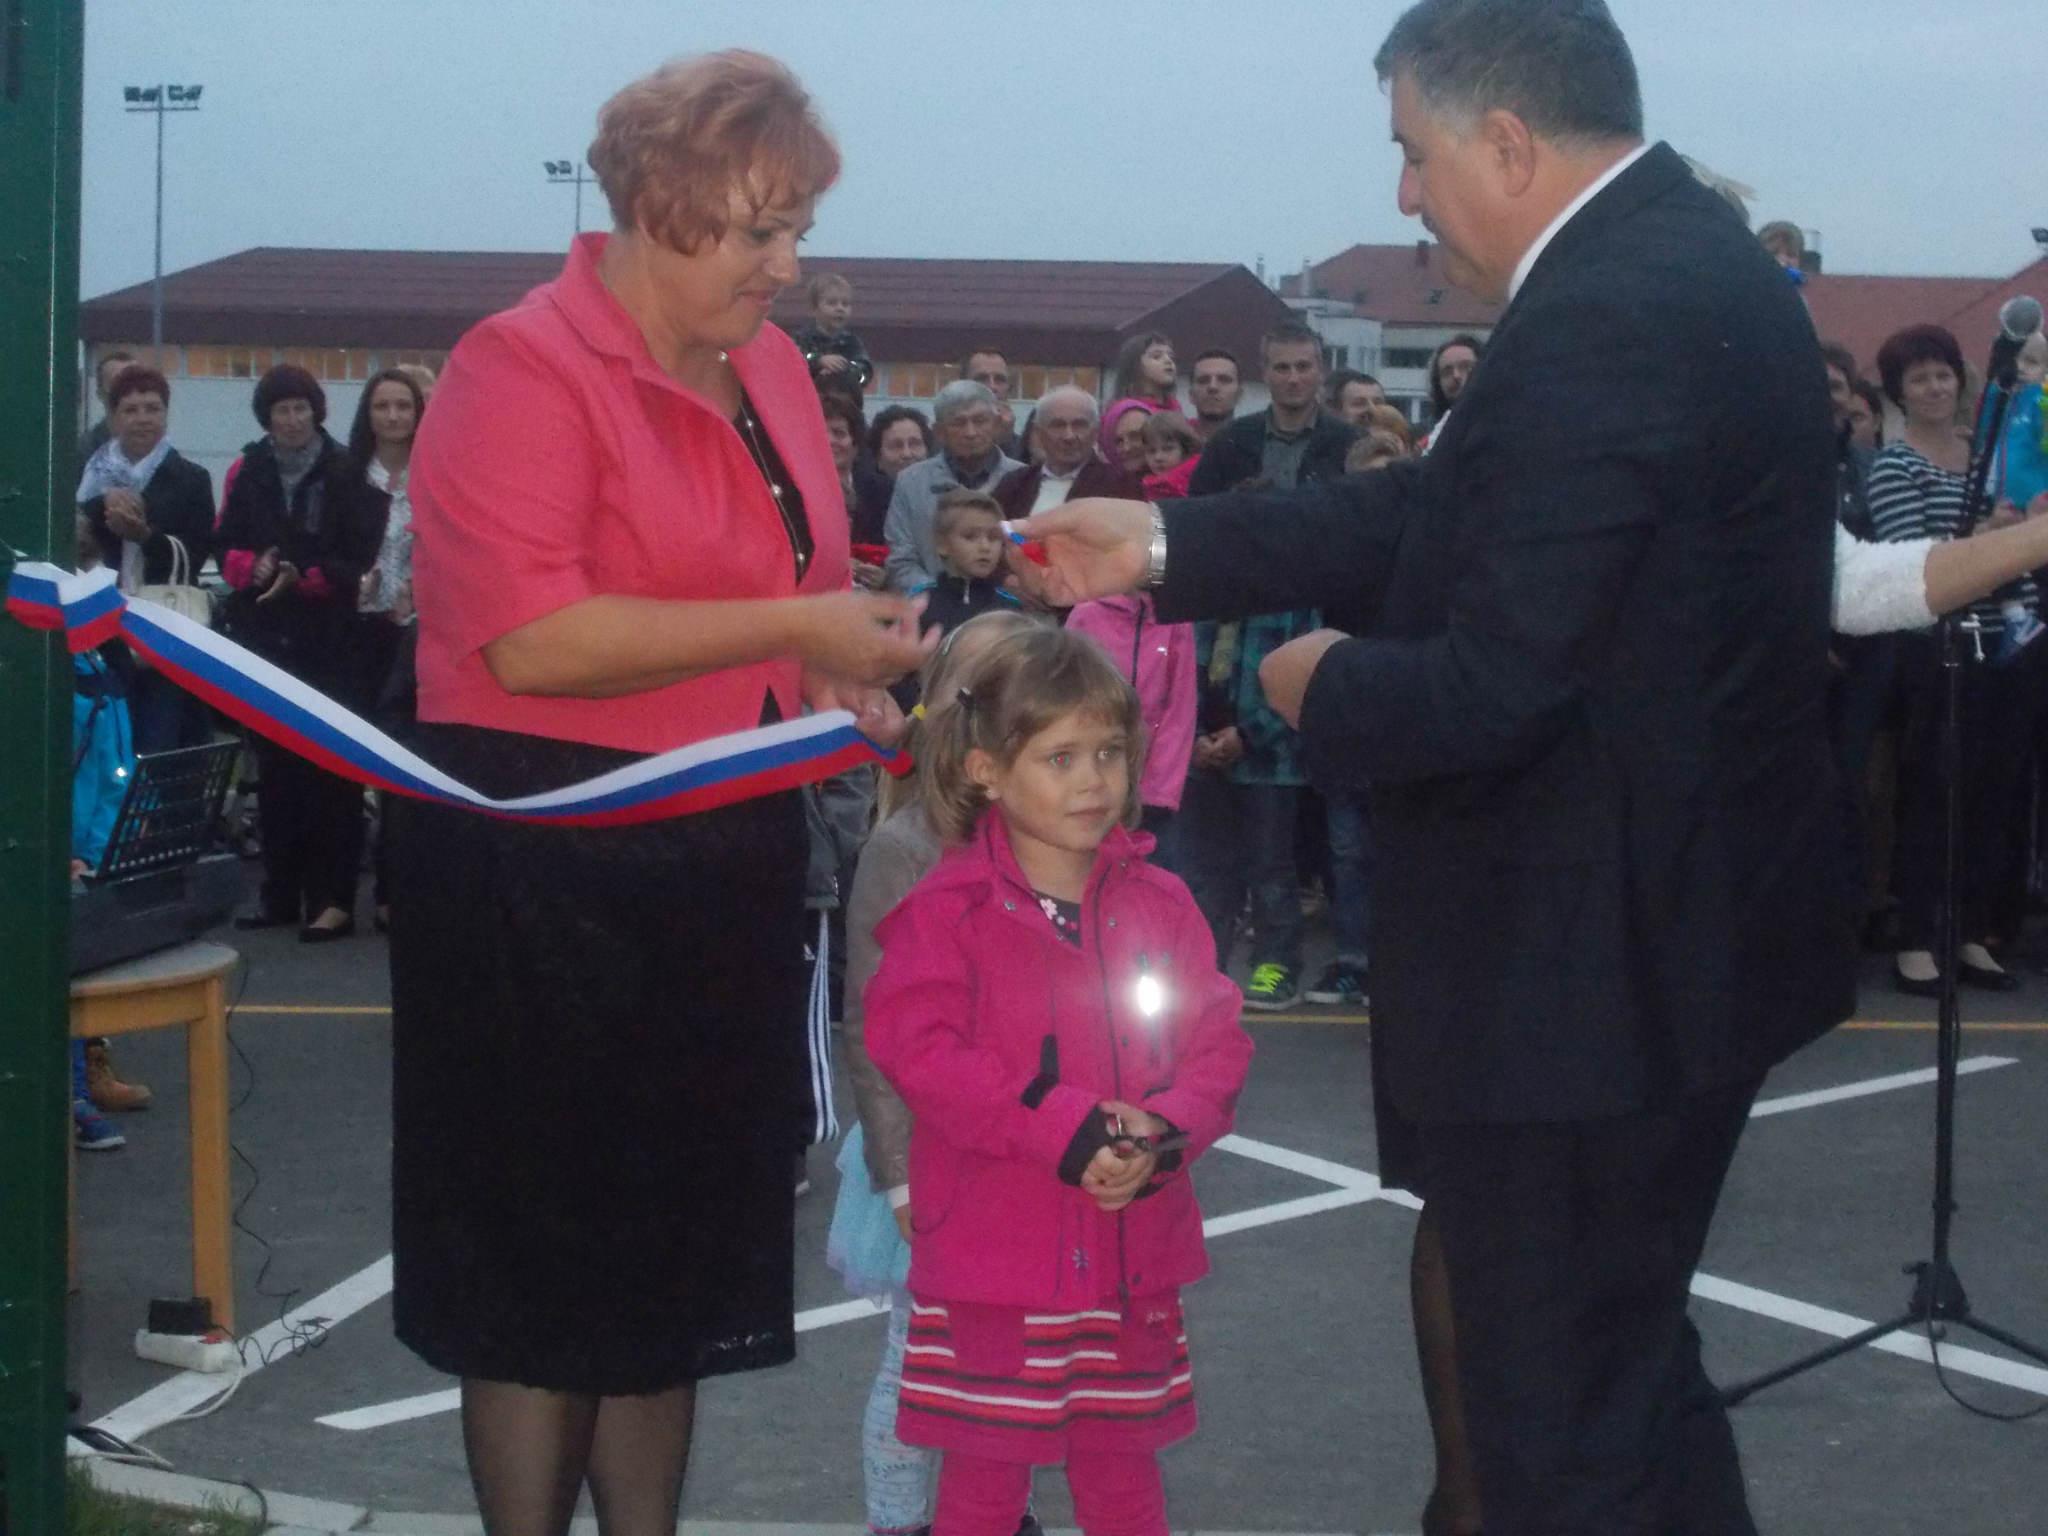 V Veliki Nedelji odprli nov vrtec, ki lahko sprejme do devetdeset otrok